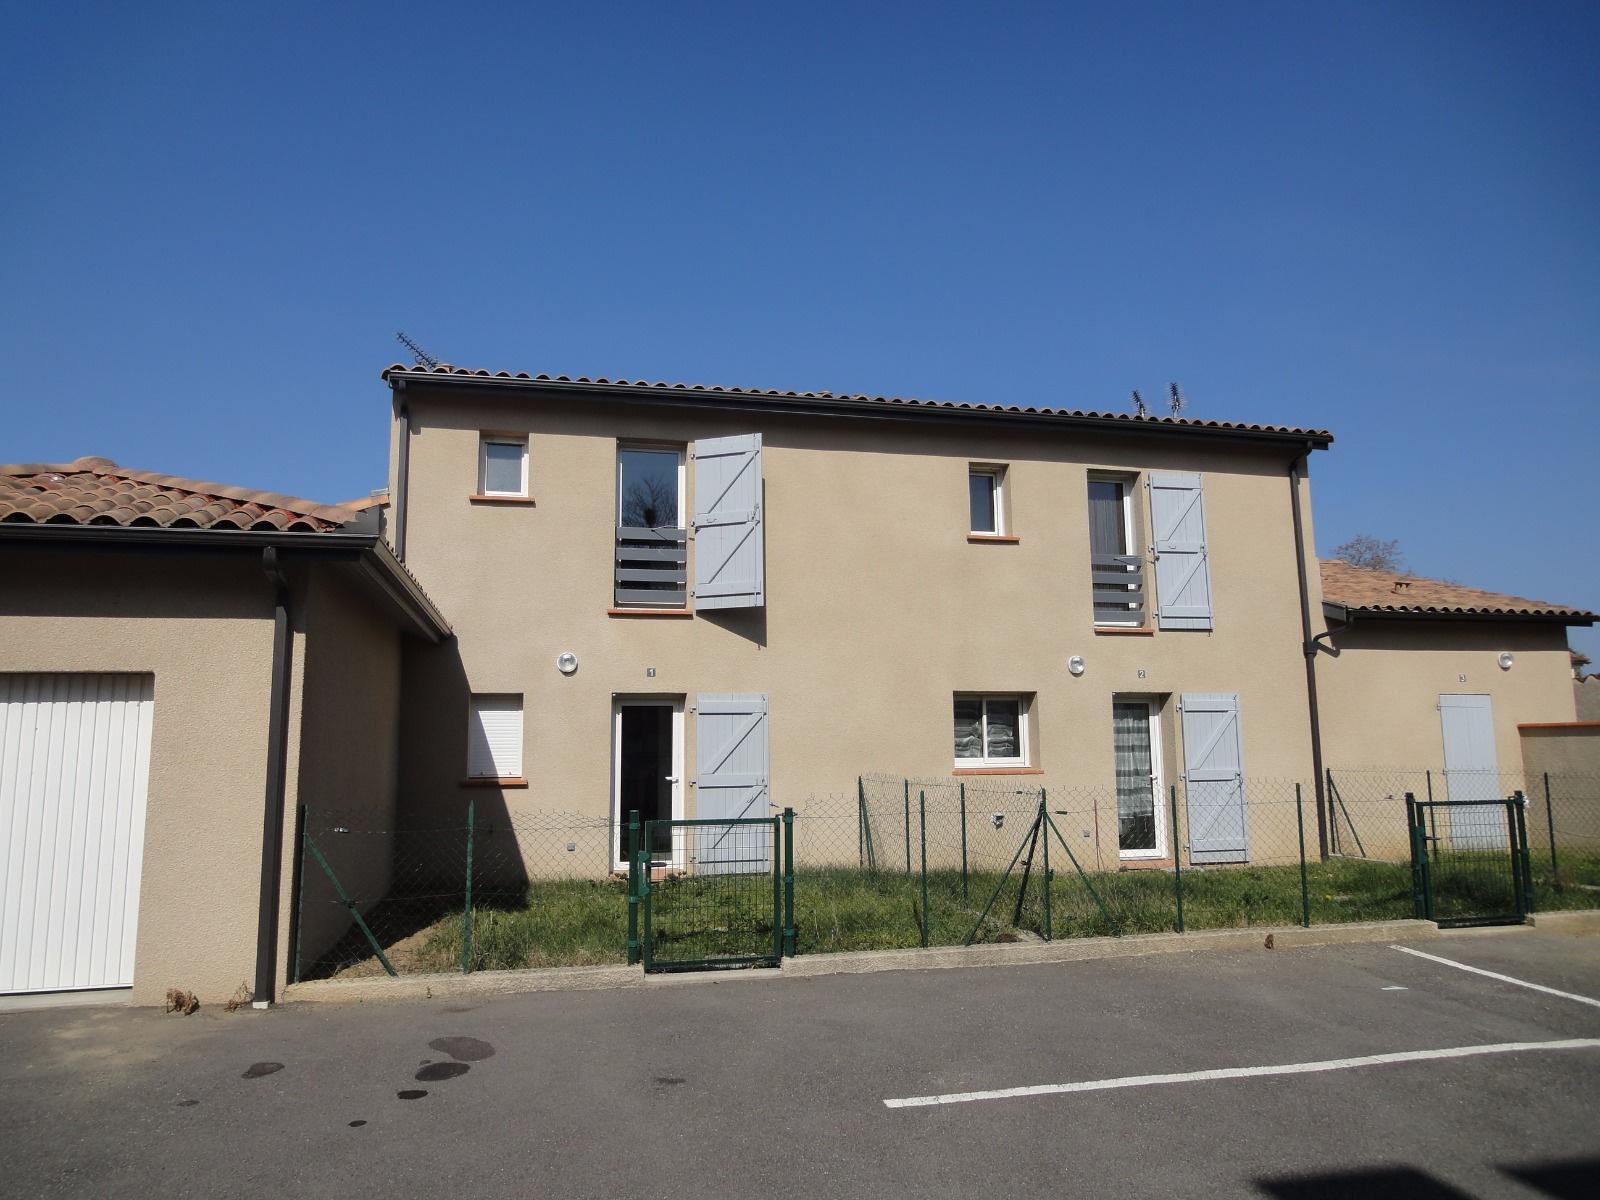 Location pole institut immo - Appartement jardin des plantes toulouse ...